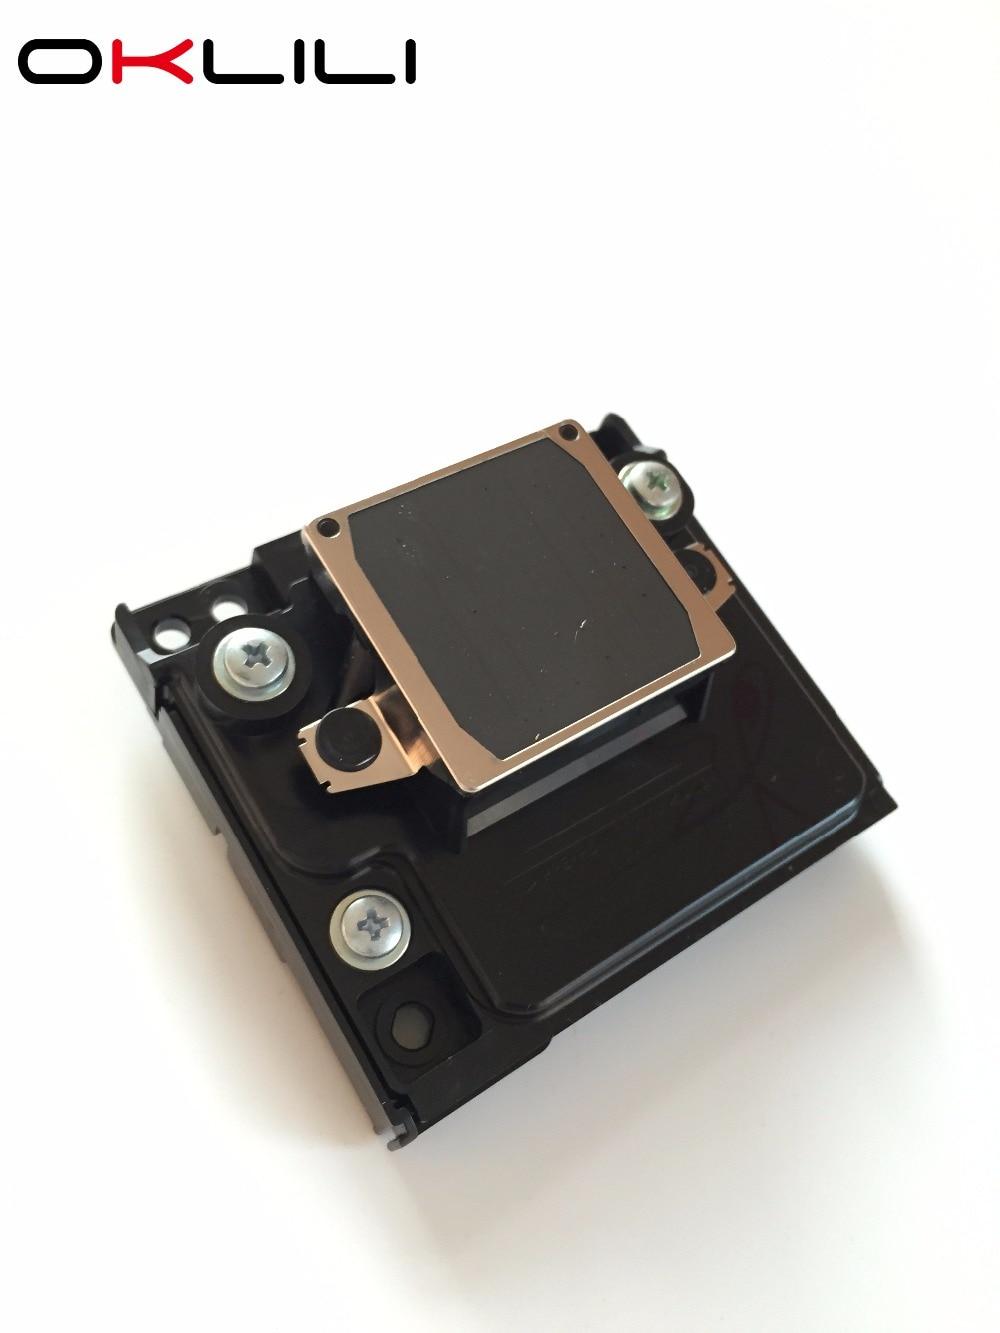 F155040 F182000 F168020 Print head for Epson R250 RX430 RX530 Photo20 CX3500 CX3650 CX5700 CX6900F CX4900 CX5900 CX9300F TX400 f09166 10 10pcs cx 20 007 receiver board for cheerson cx 20 cx20 rc quadcopter parts